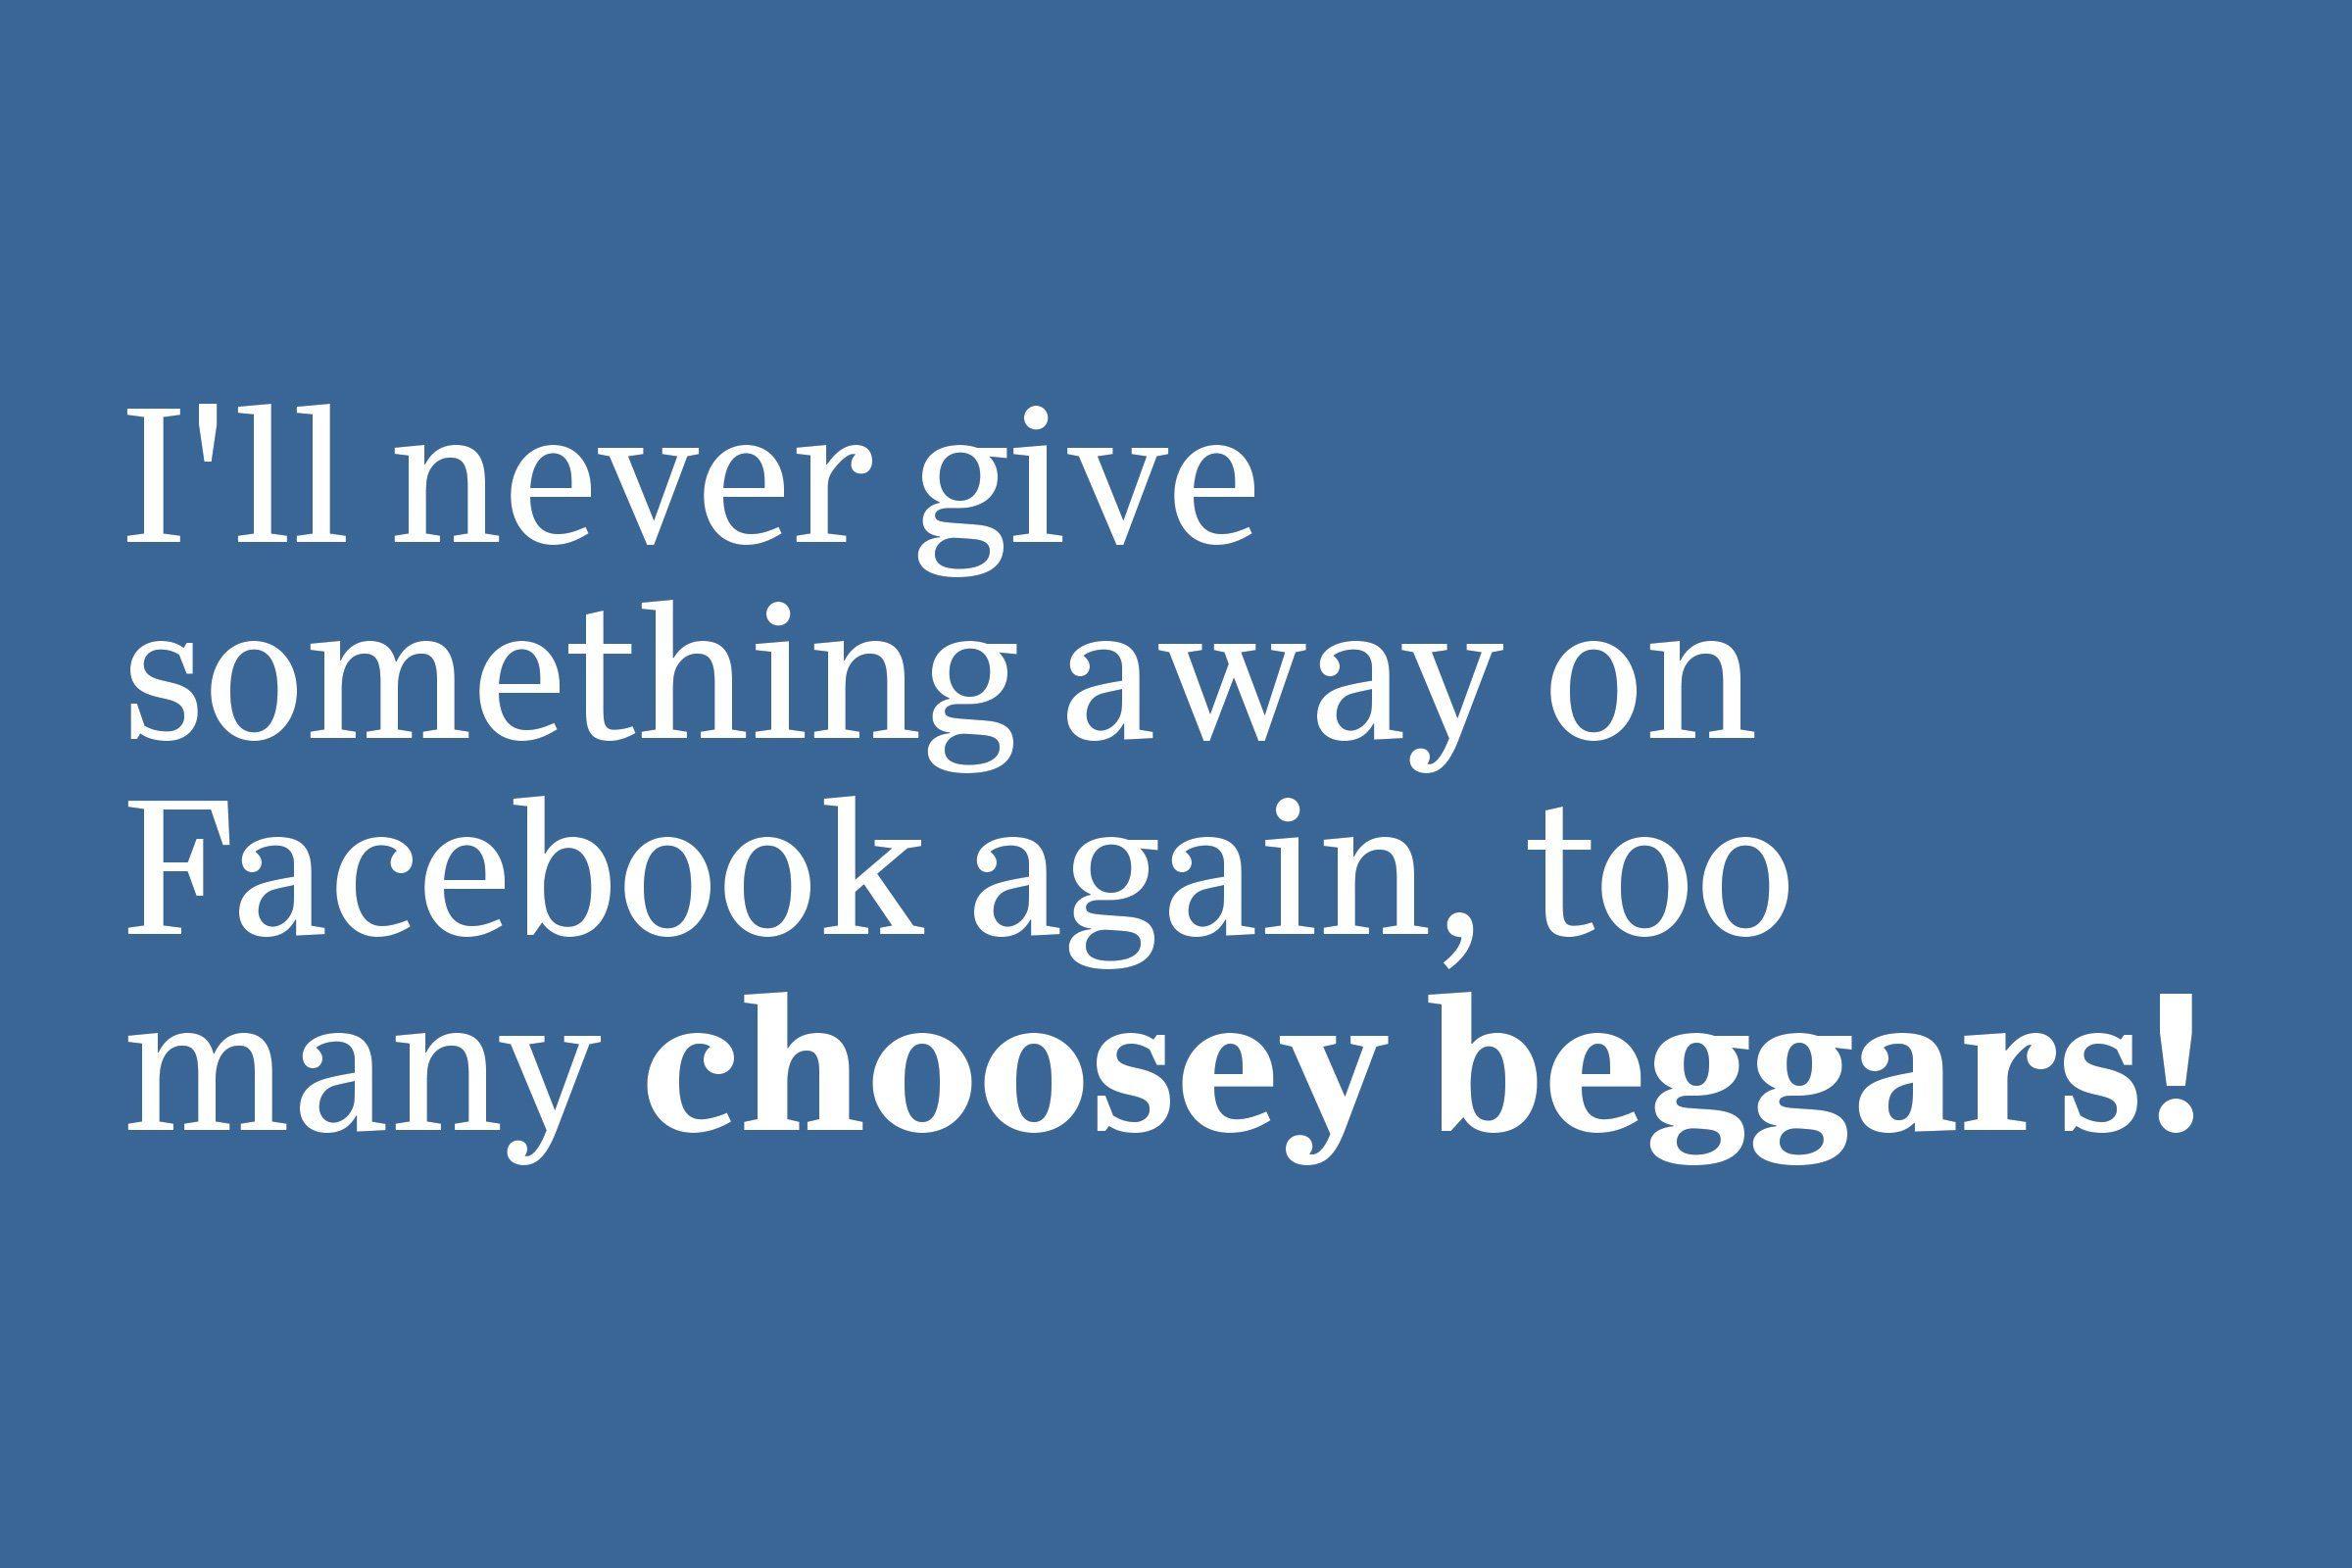 choosey beggars slang 2020